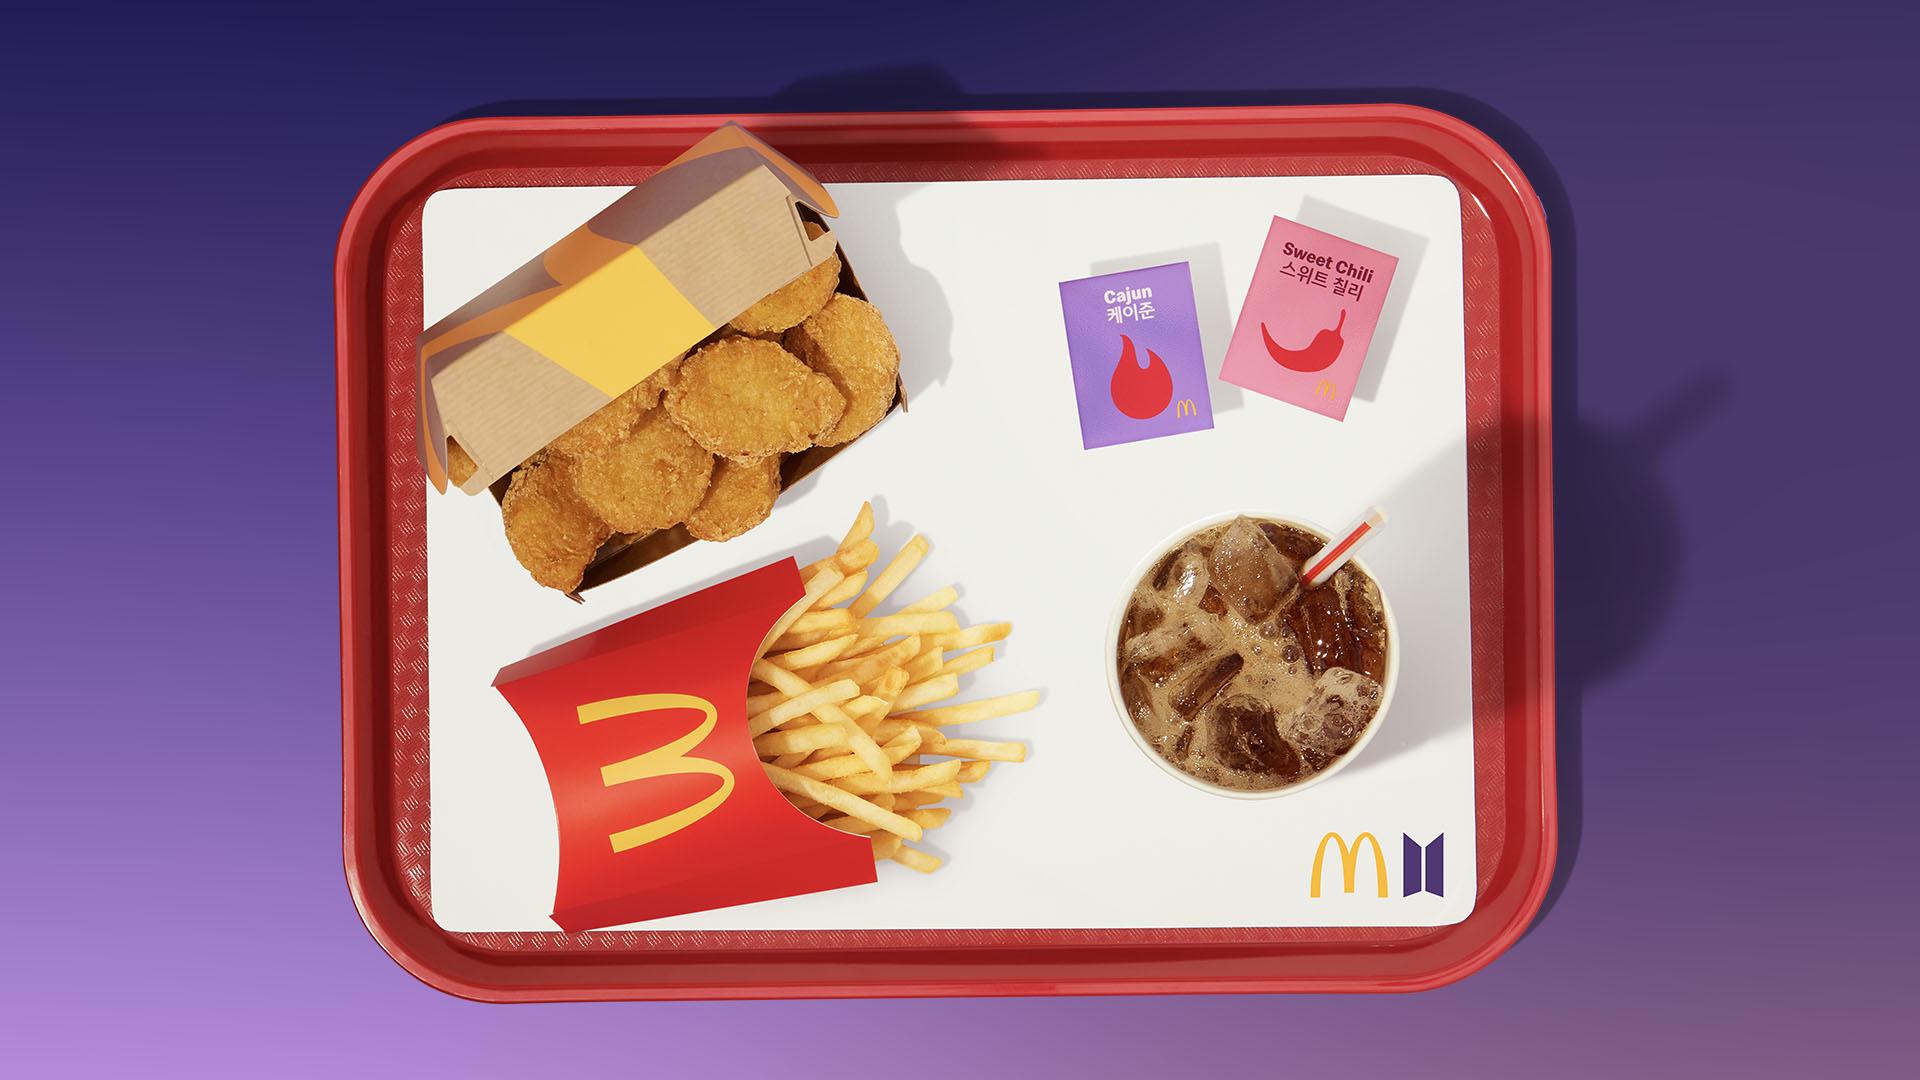 Méquizice do grupo BTS: nuggets, batata média, refrigerante e dois molhos especiais